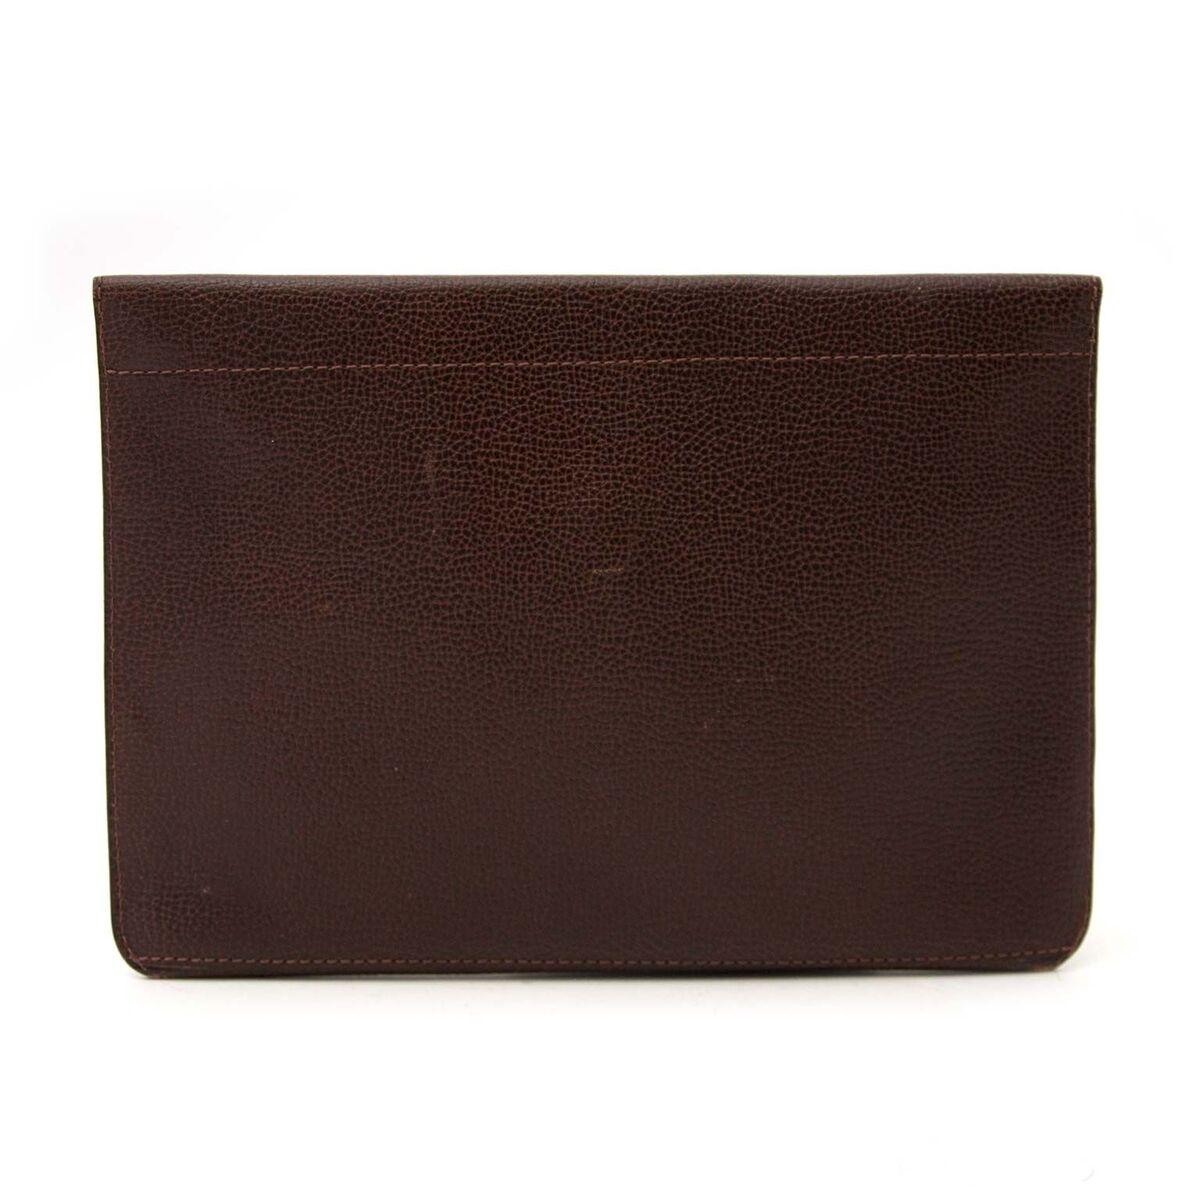 Koop authentieke tweedehands Delvaux clutch aan een eerlijke prijs bij LabelLOV. Veilig online shoppen.